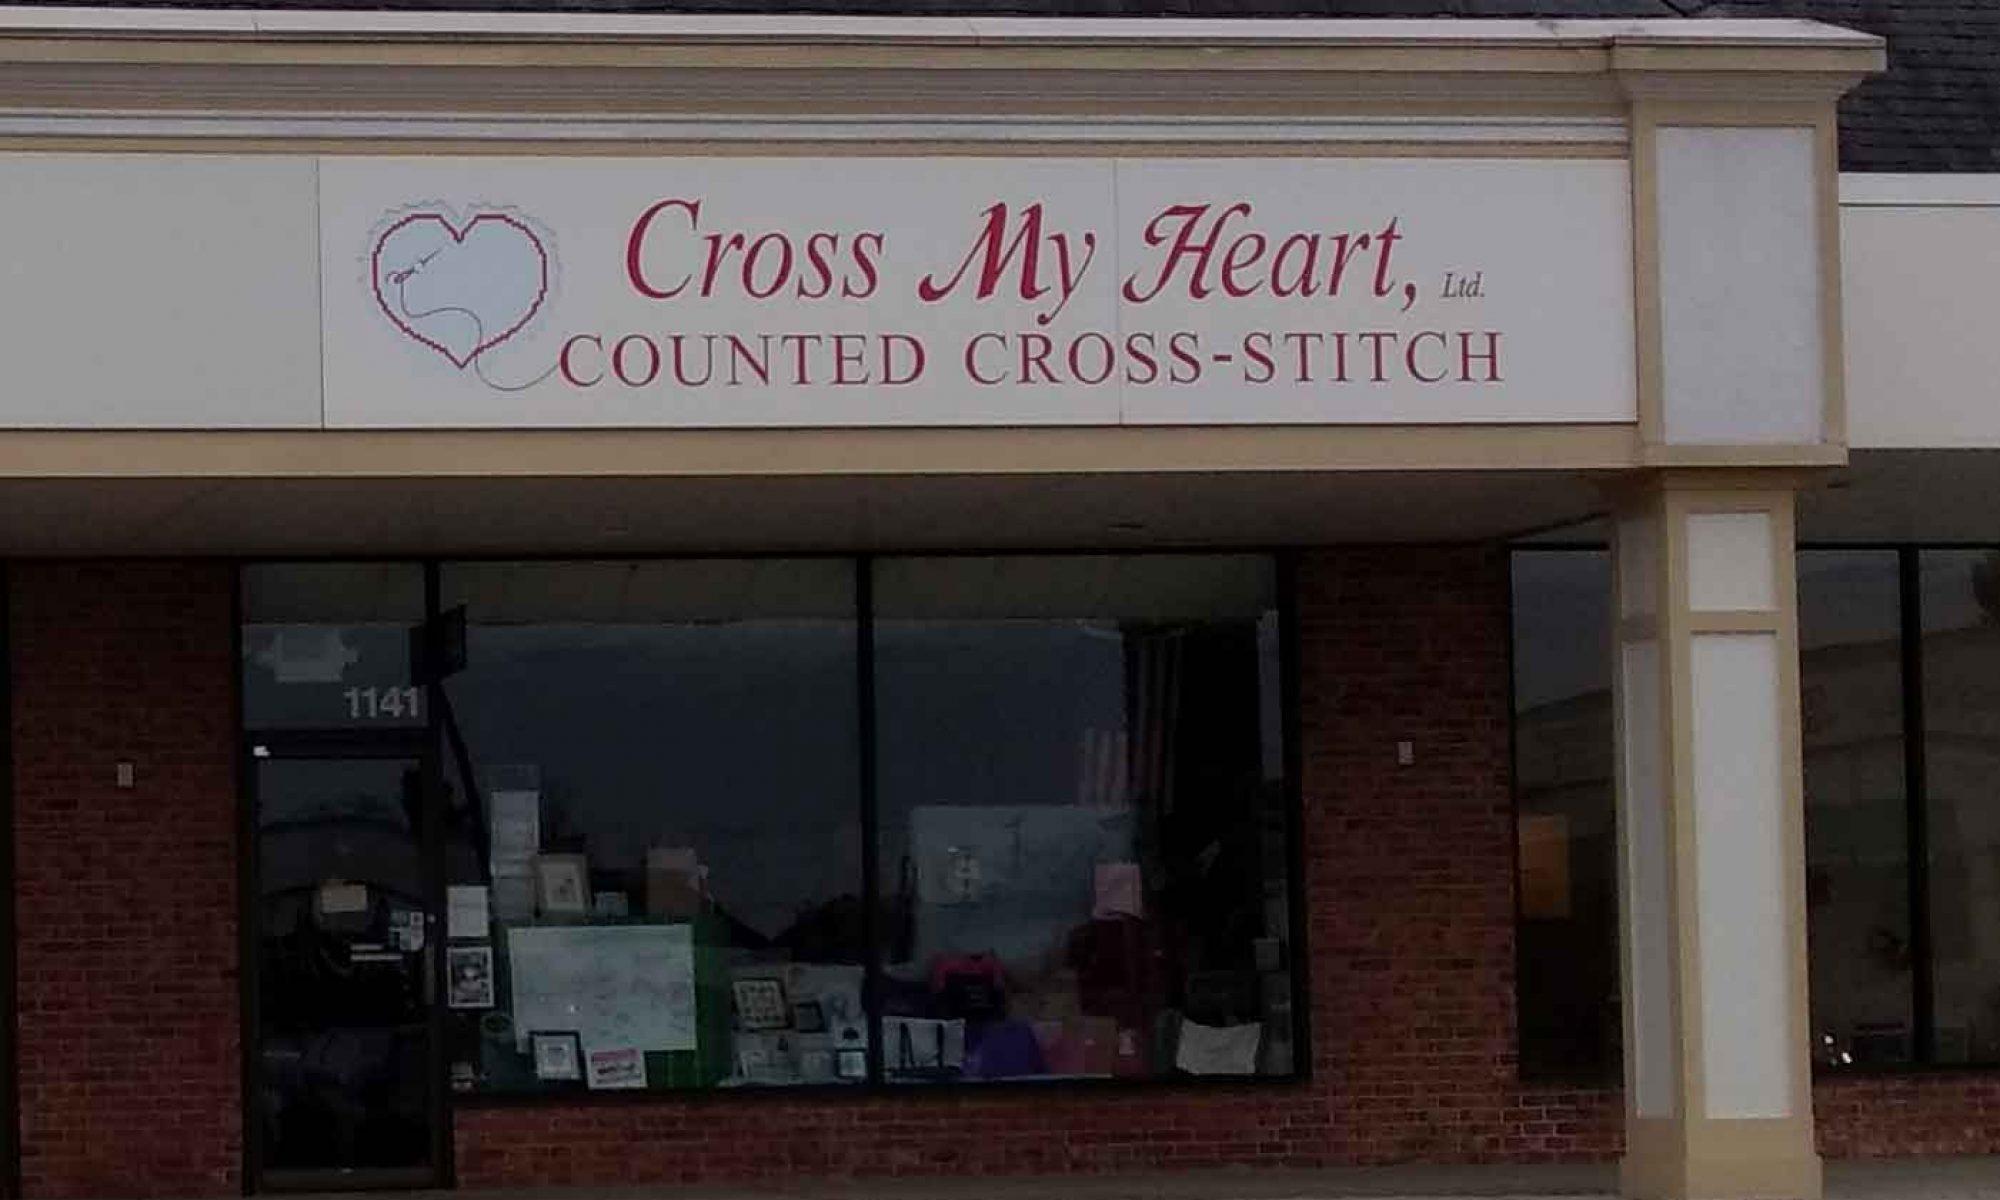 Cross My Heart, Ltd